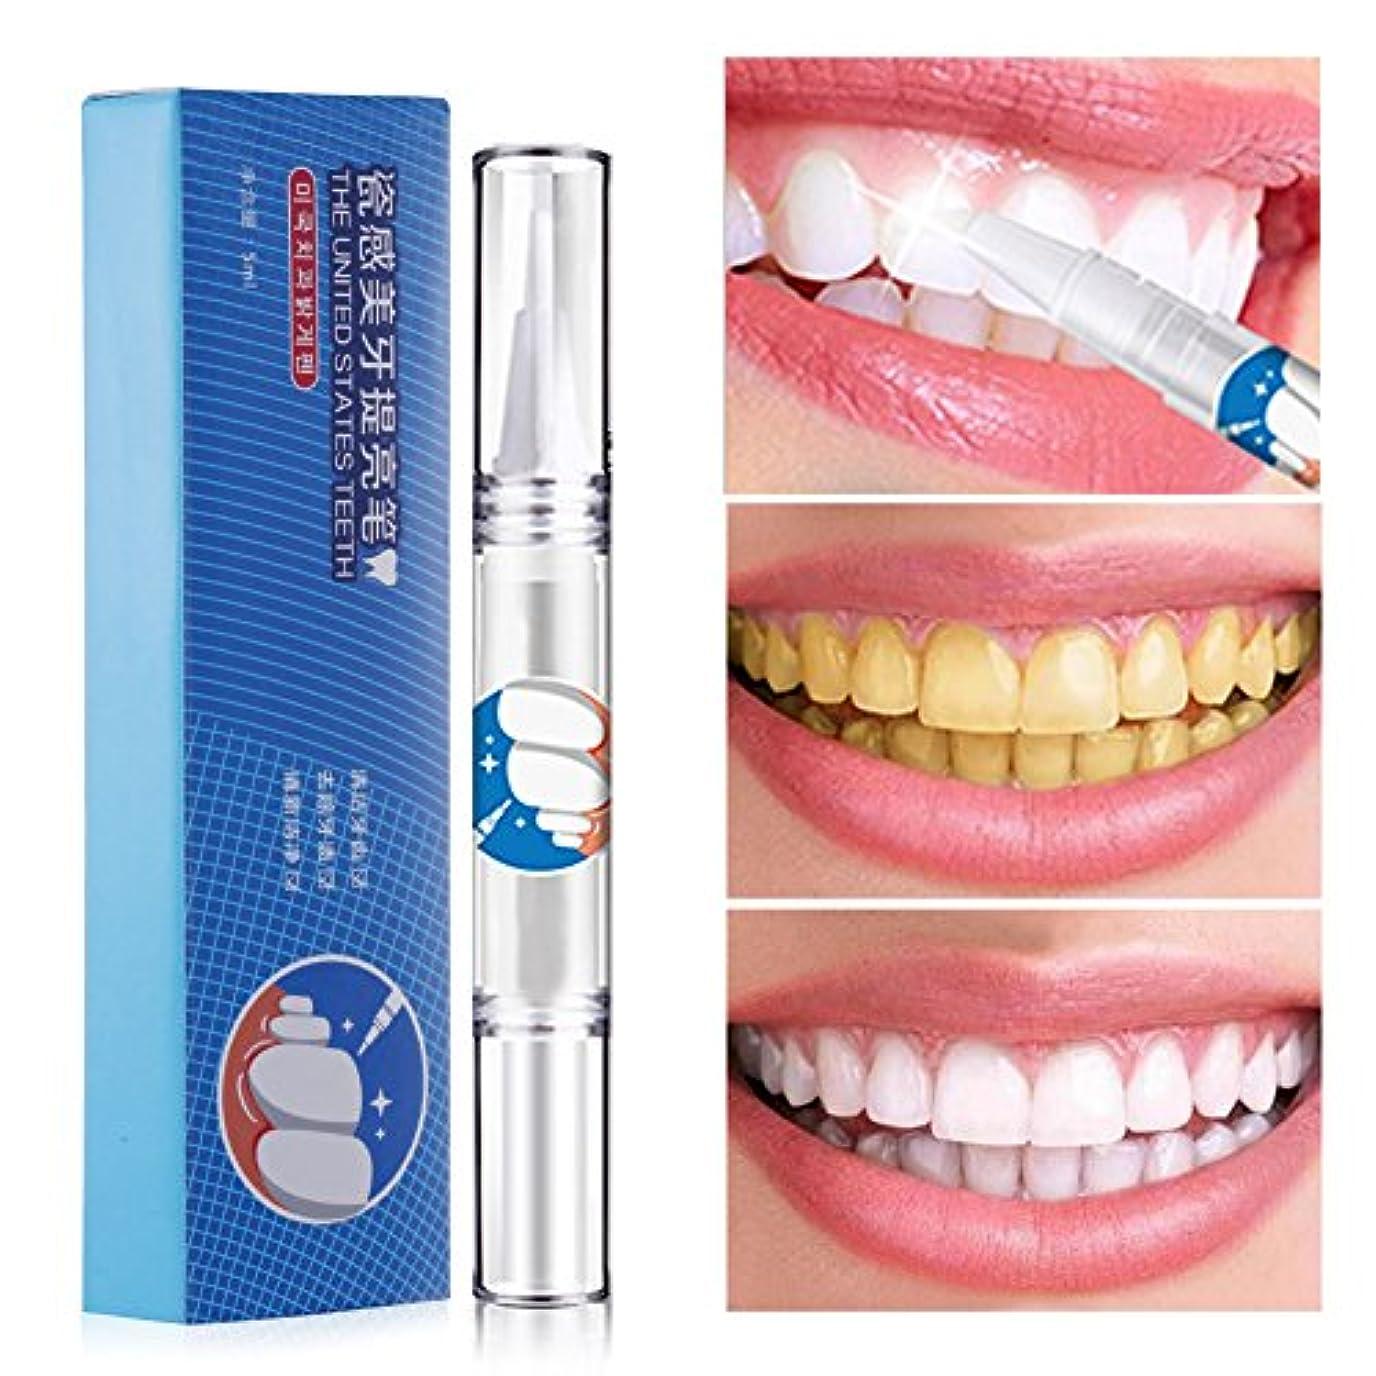 シェード固体概要美白歯ゲル、5ml ホワイトニングペン 口腔ホワイトニングペン 消しゴム 歯を白くするペン 歯の漂白剤 ワイン/喫煙などの汚れを除去する 輝かしい笑顔を見せる 携帯便利 男女兼用